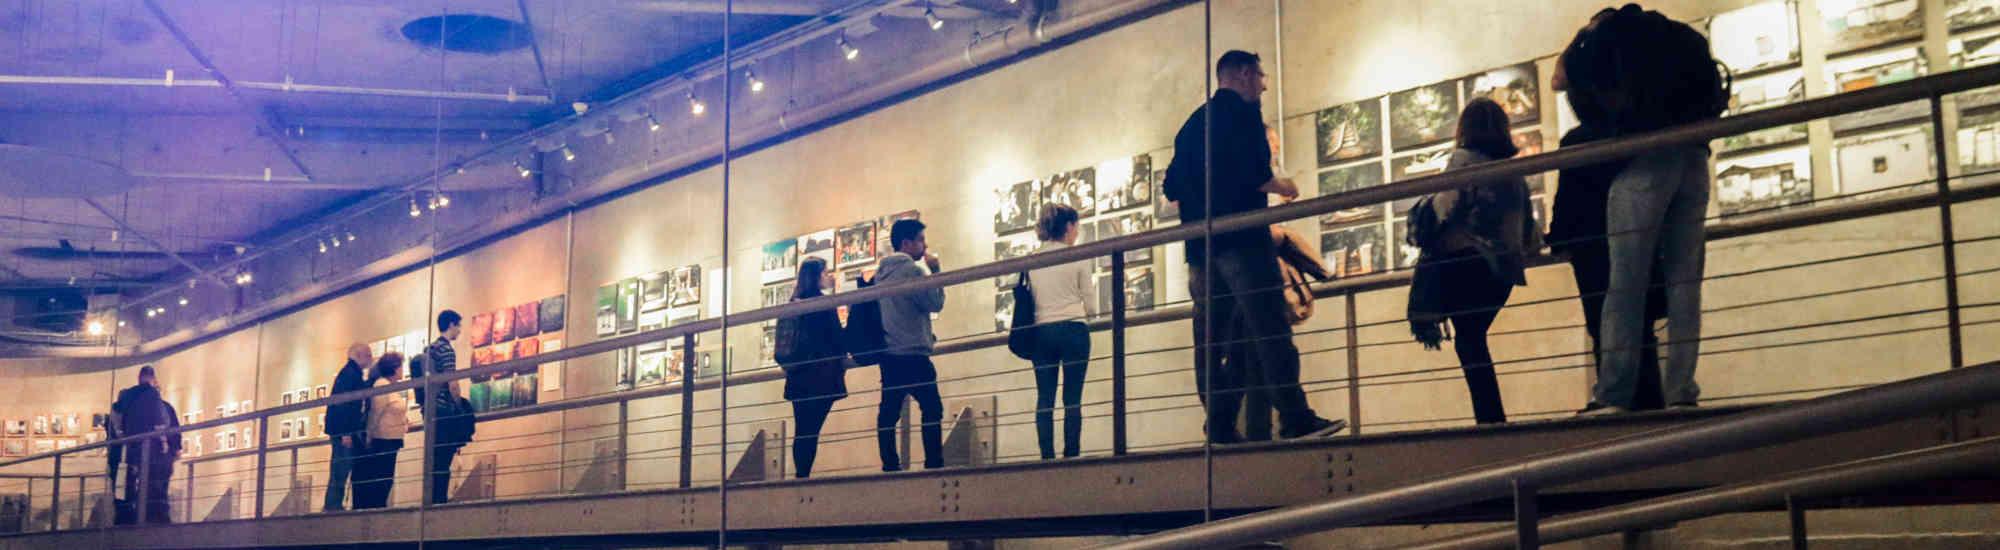 Grátis: 3ª edição do Mirar Fest promove exposição, workshops, palestras e saídas fotográficas